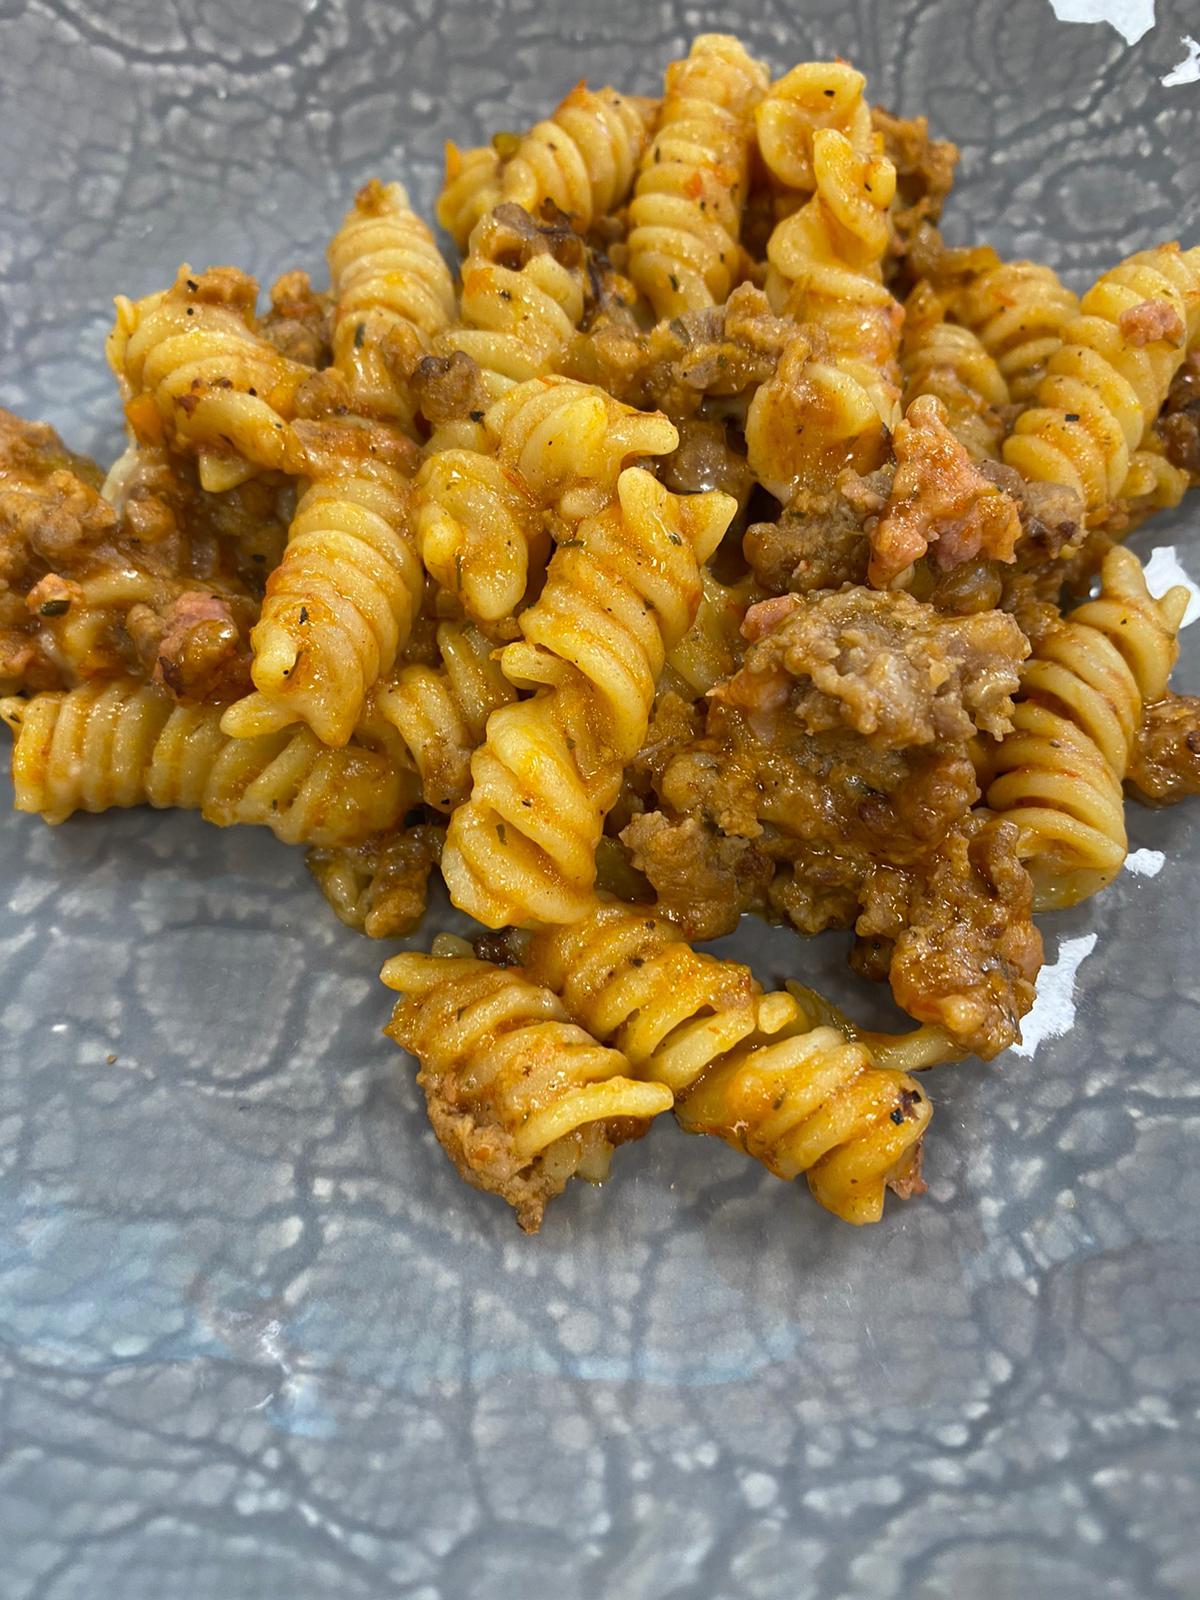 PASTA AL RAGÚ 1 - Cocina rápida y sana para toda la familia con AMC